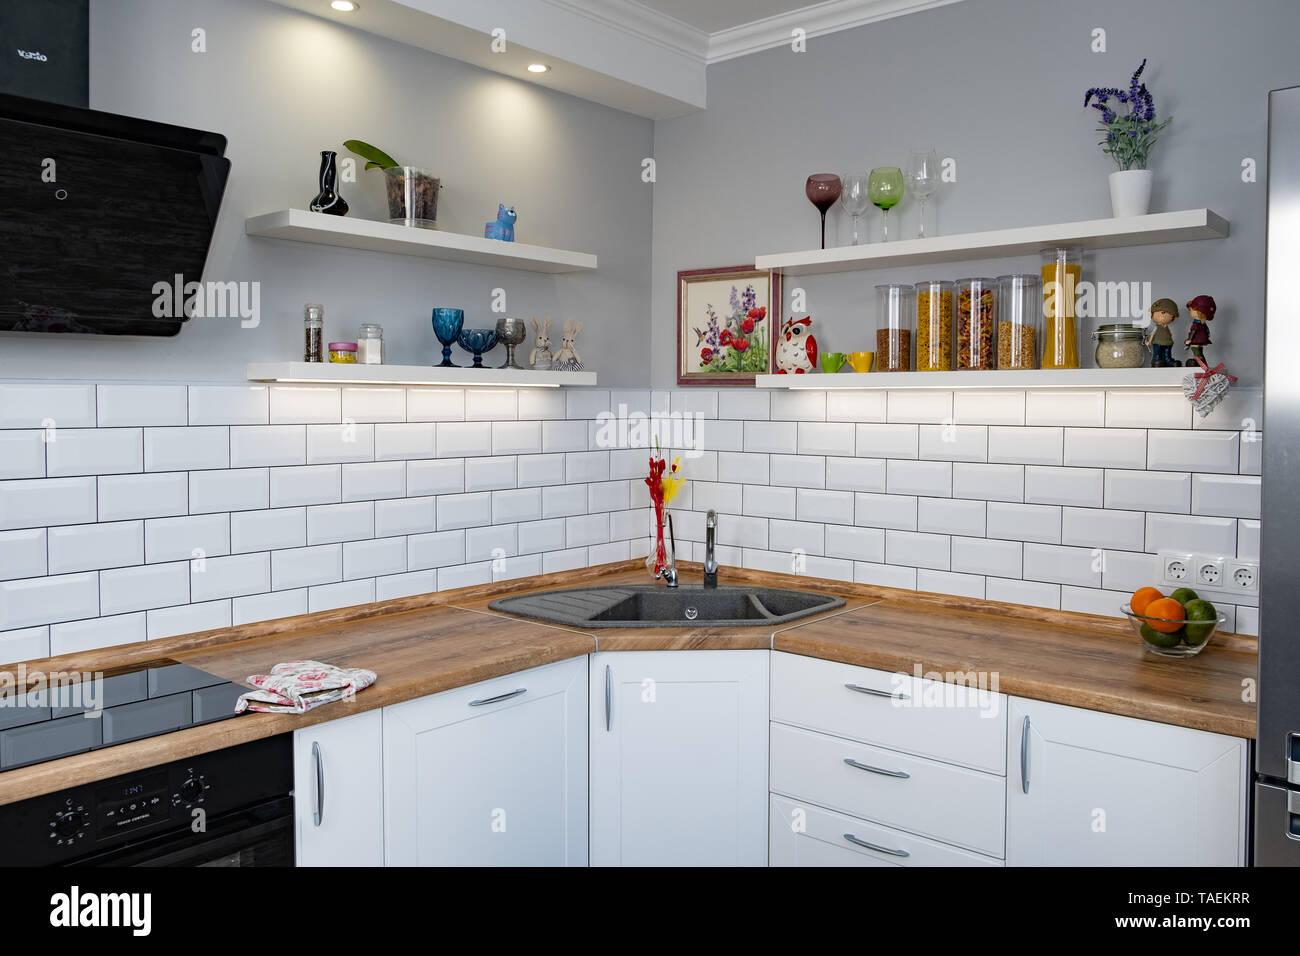 Küche Regale mit verschiedenen Zutaten auf weißem ...